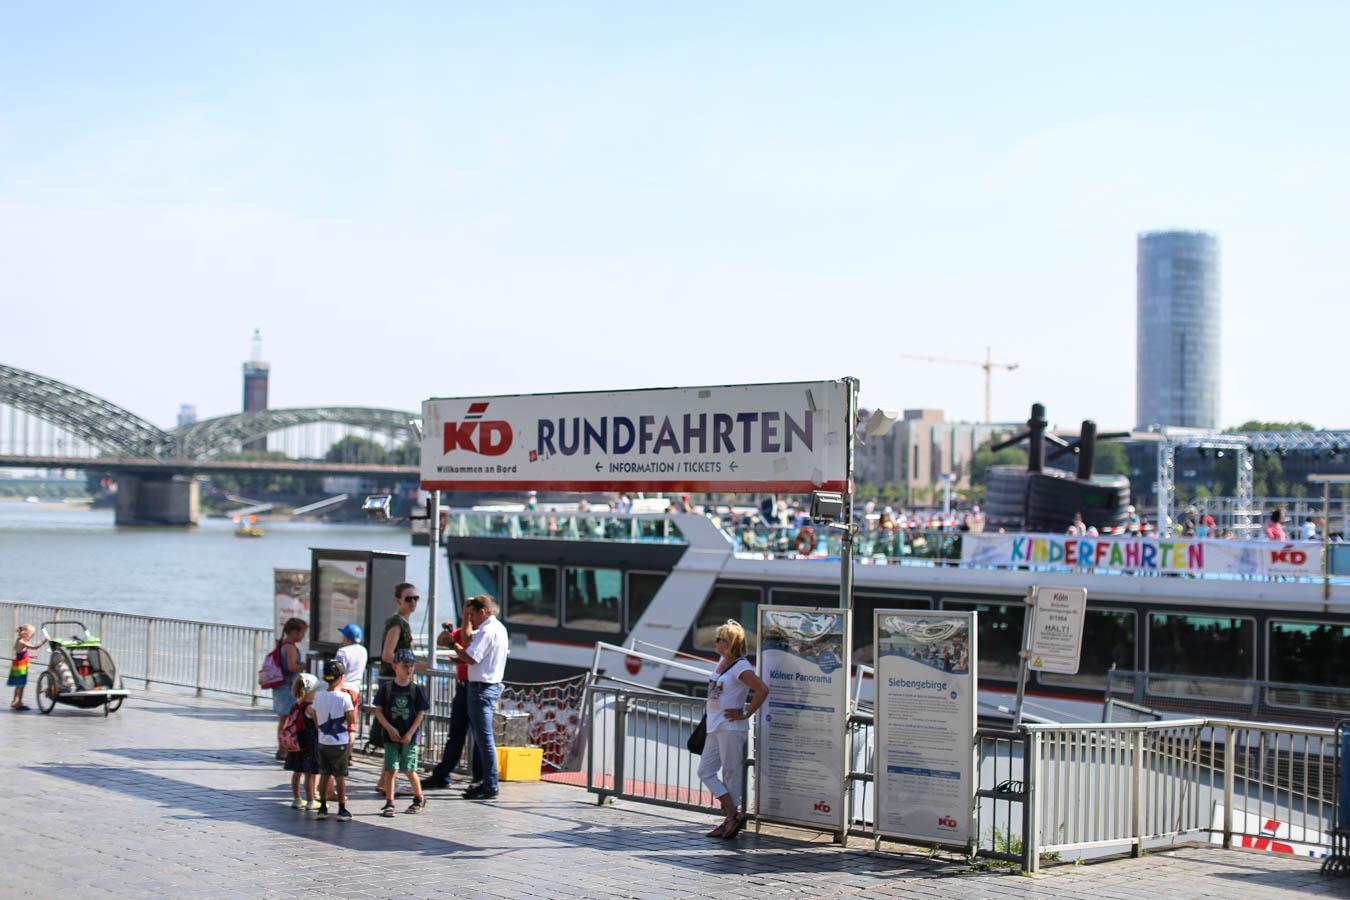 KD Schifffahrten für Kinder